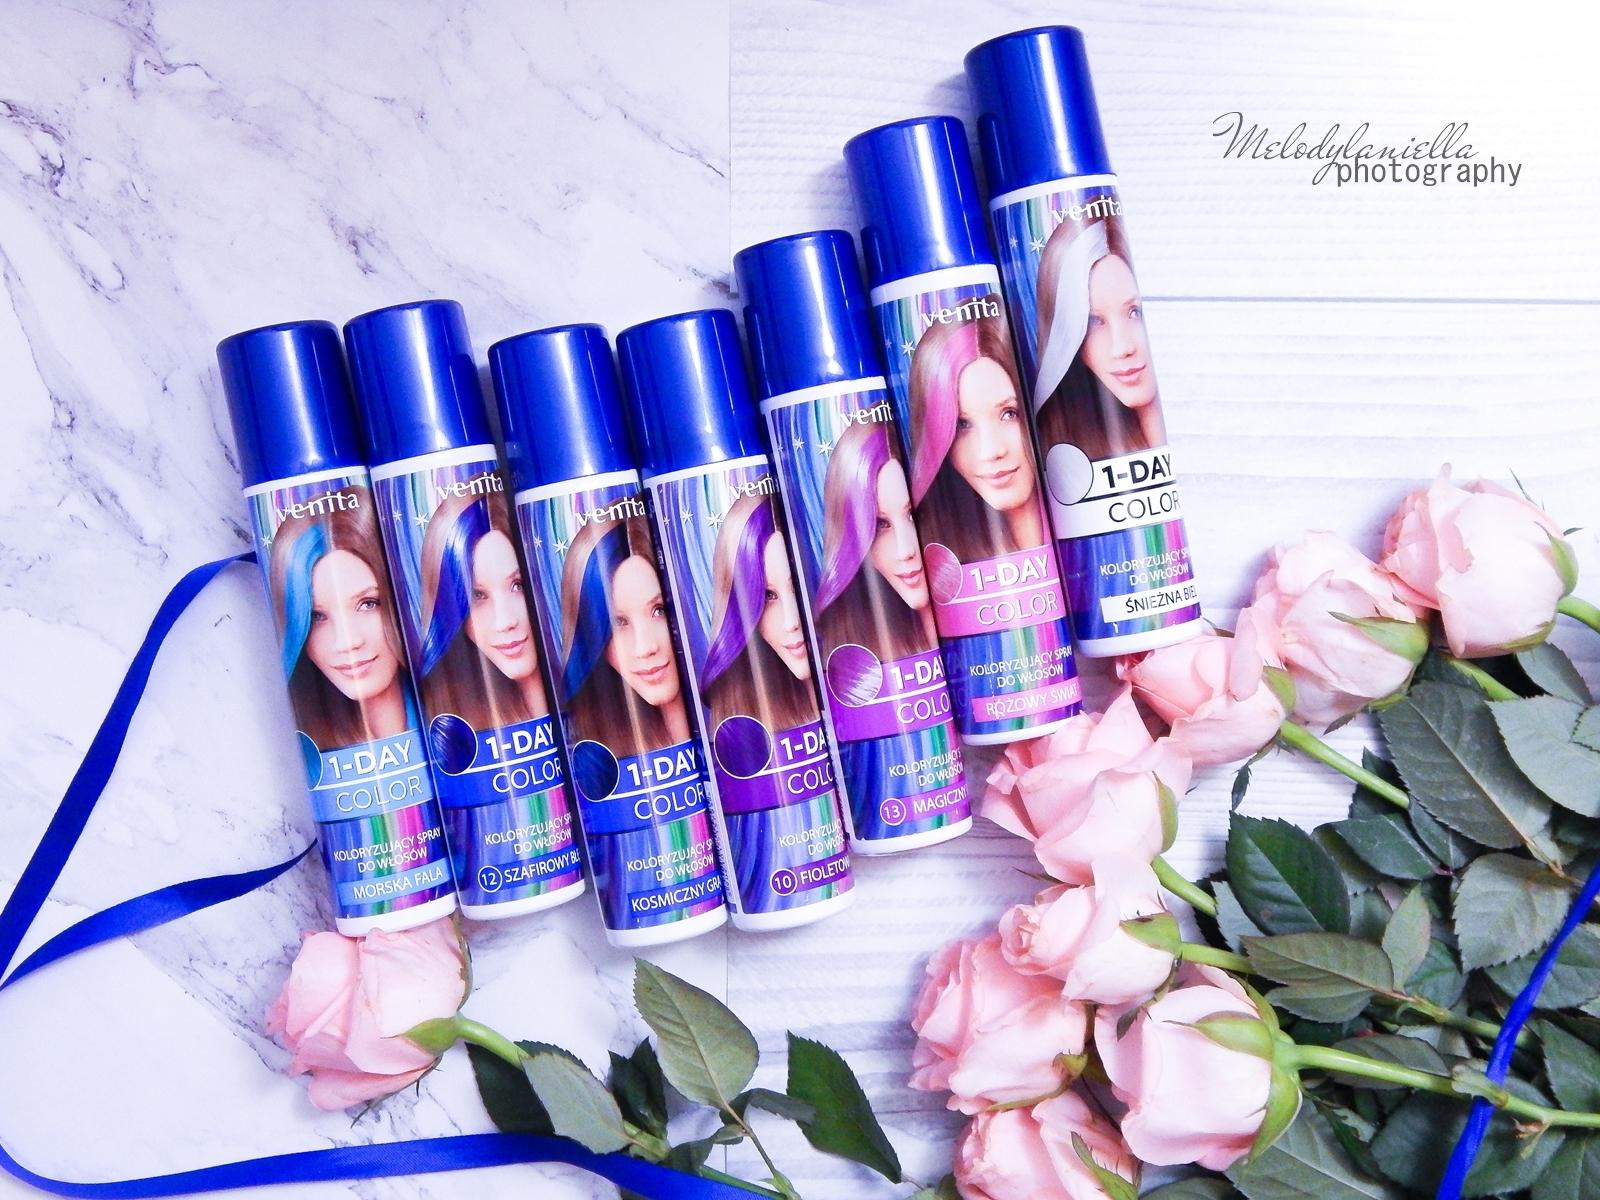 10 venita trendy cream ultra farba recenzja opinie jednodniowa farba do włosów koloryzacja półtrwała różowa turkusowa niebieska farba do włosów kolorowe włosy